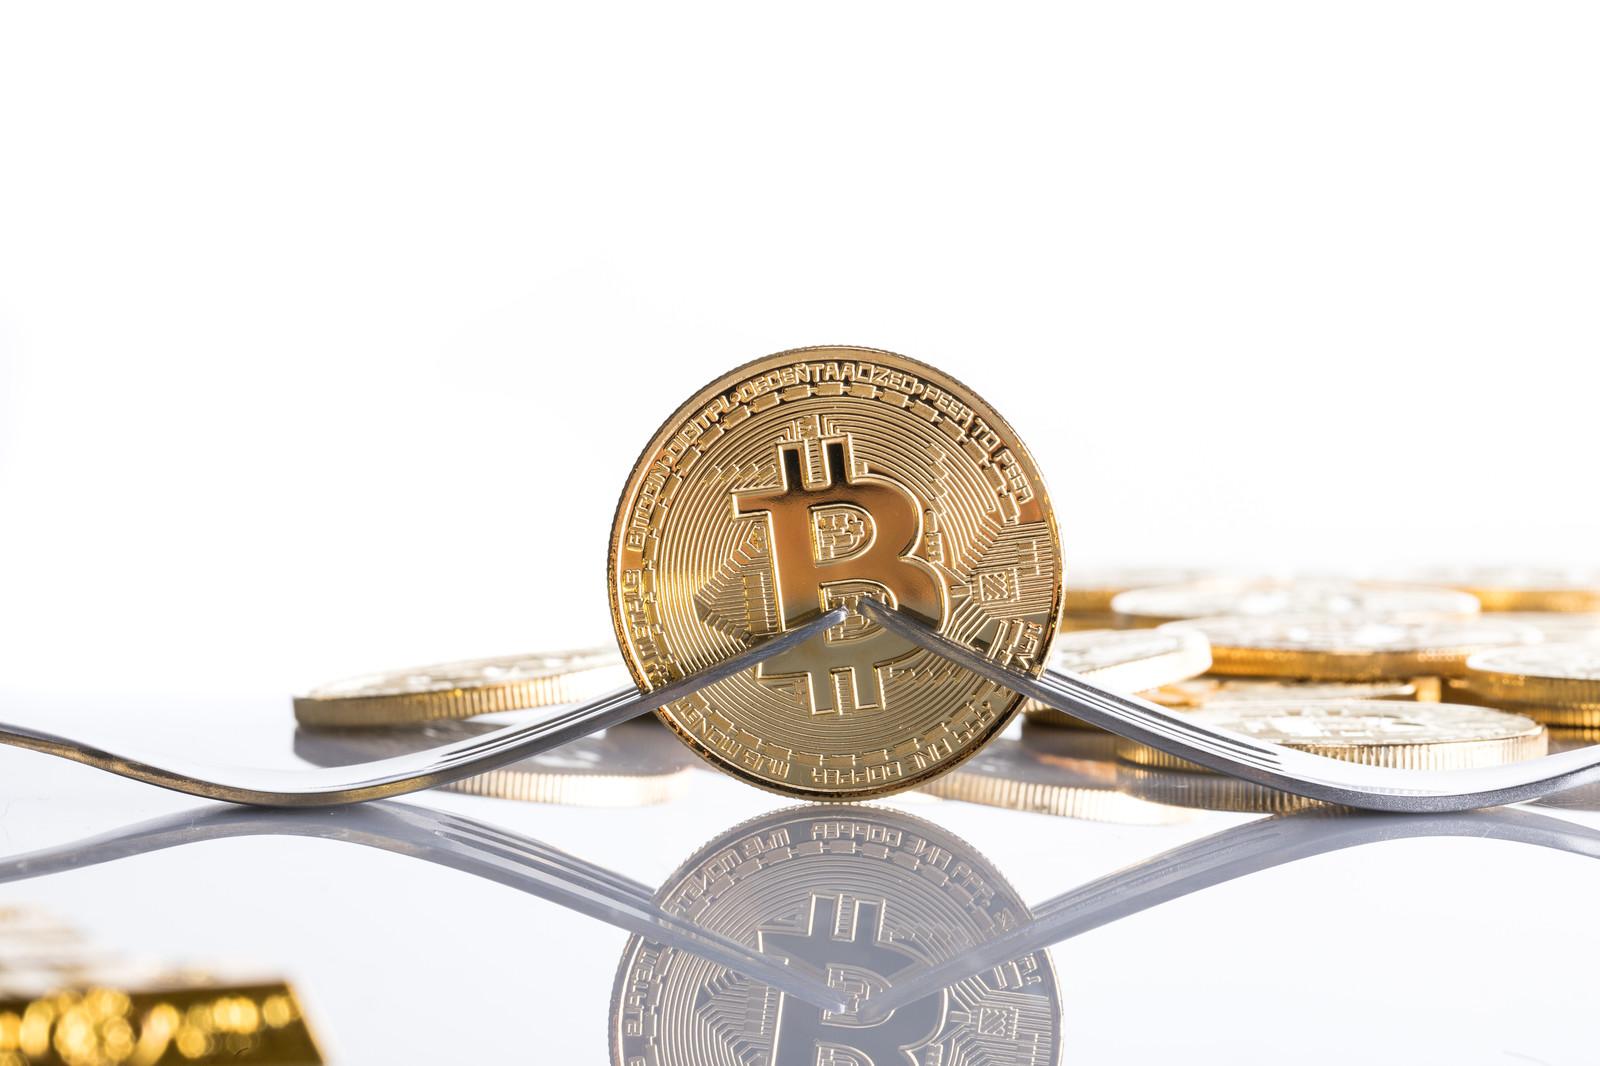 仮想通貨の技術凄過ぎ便利過ぎワロタww